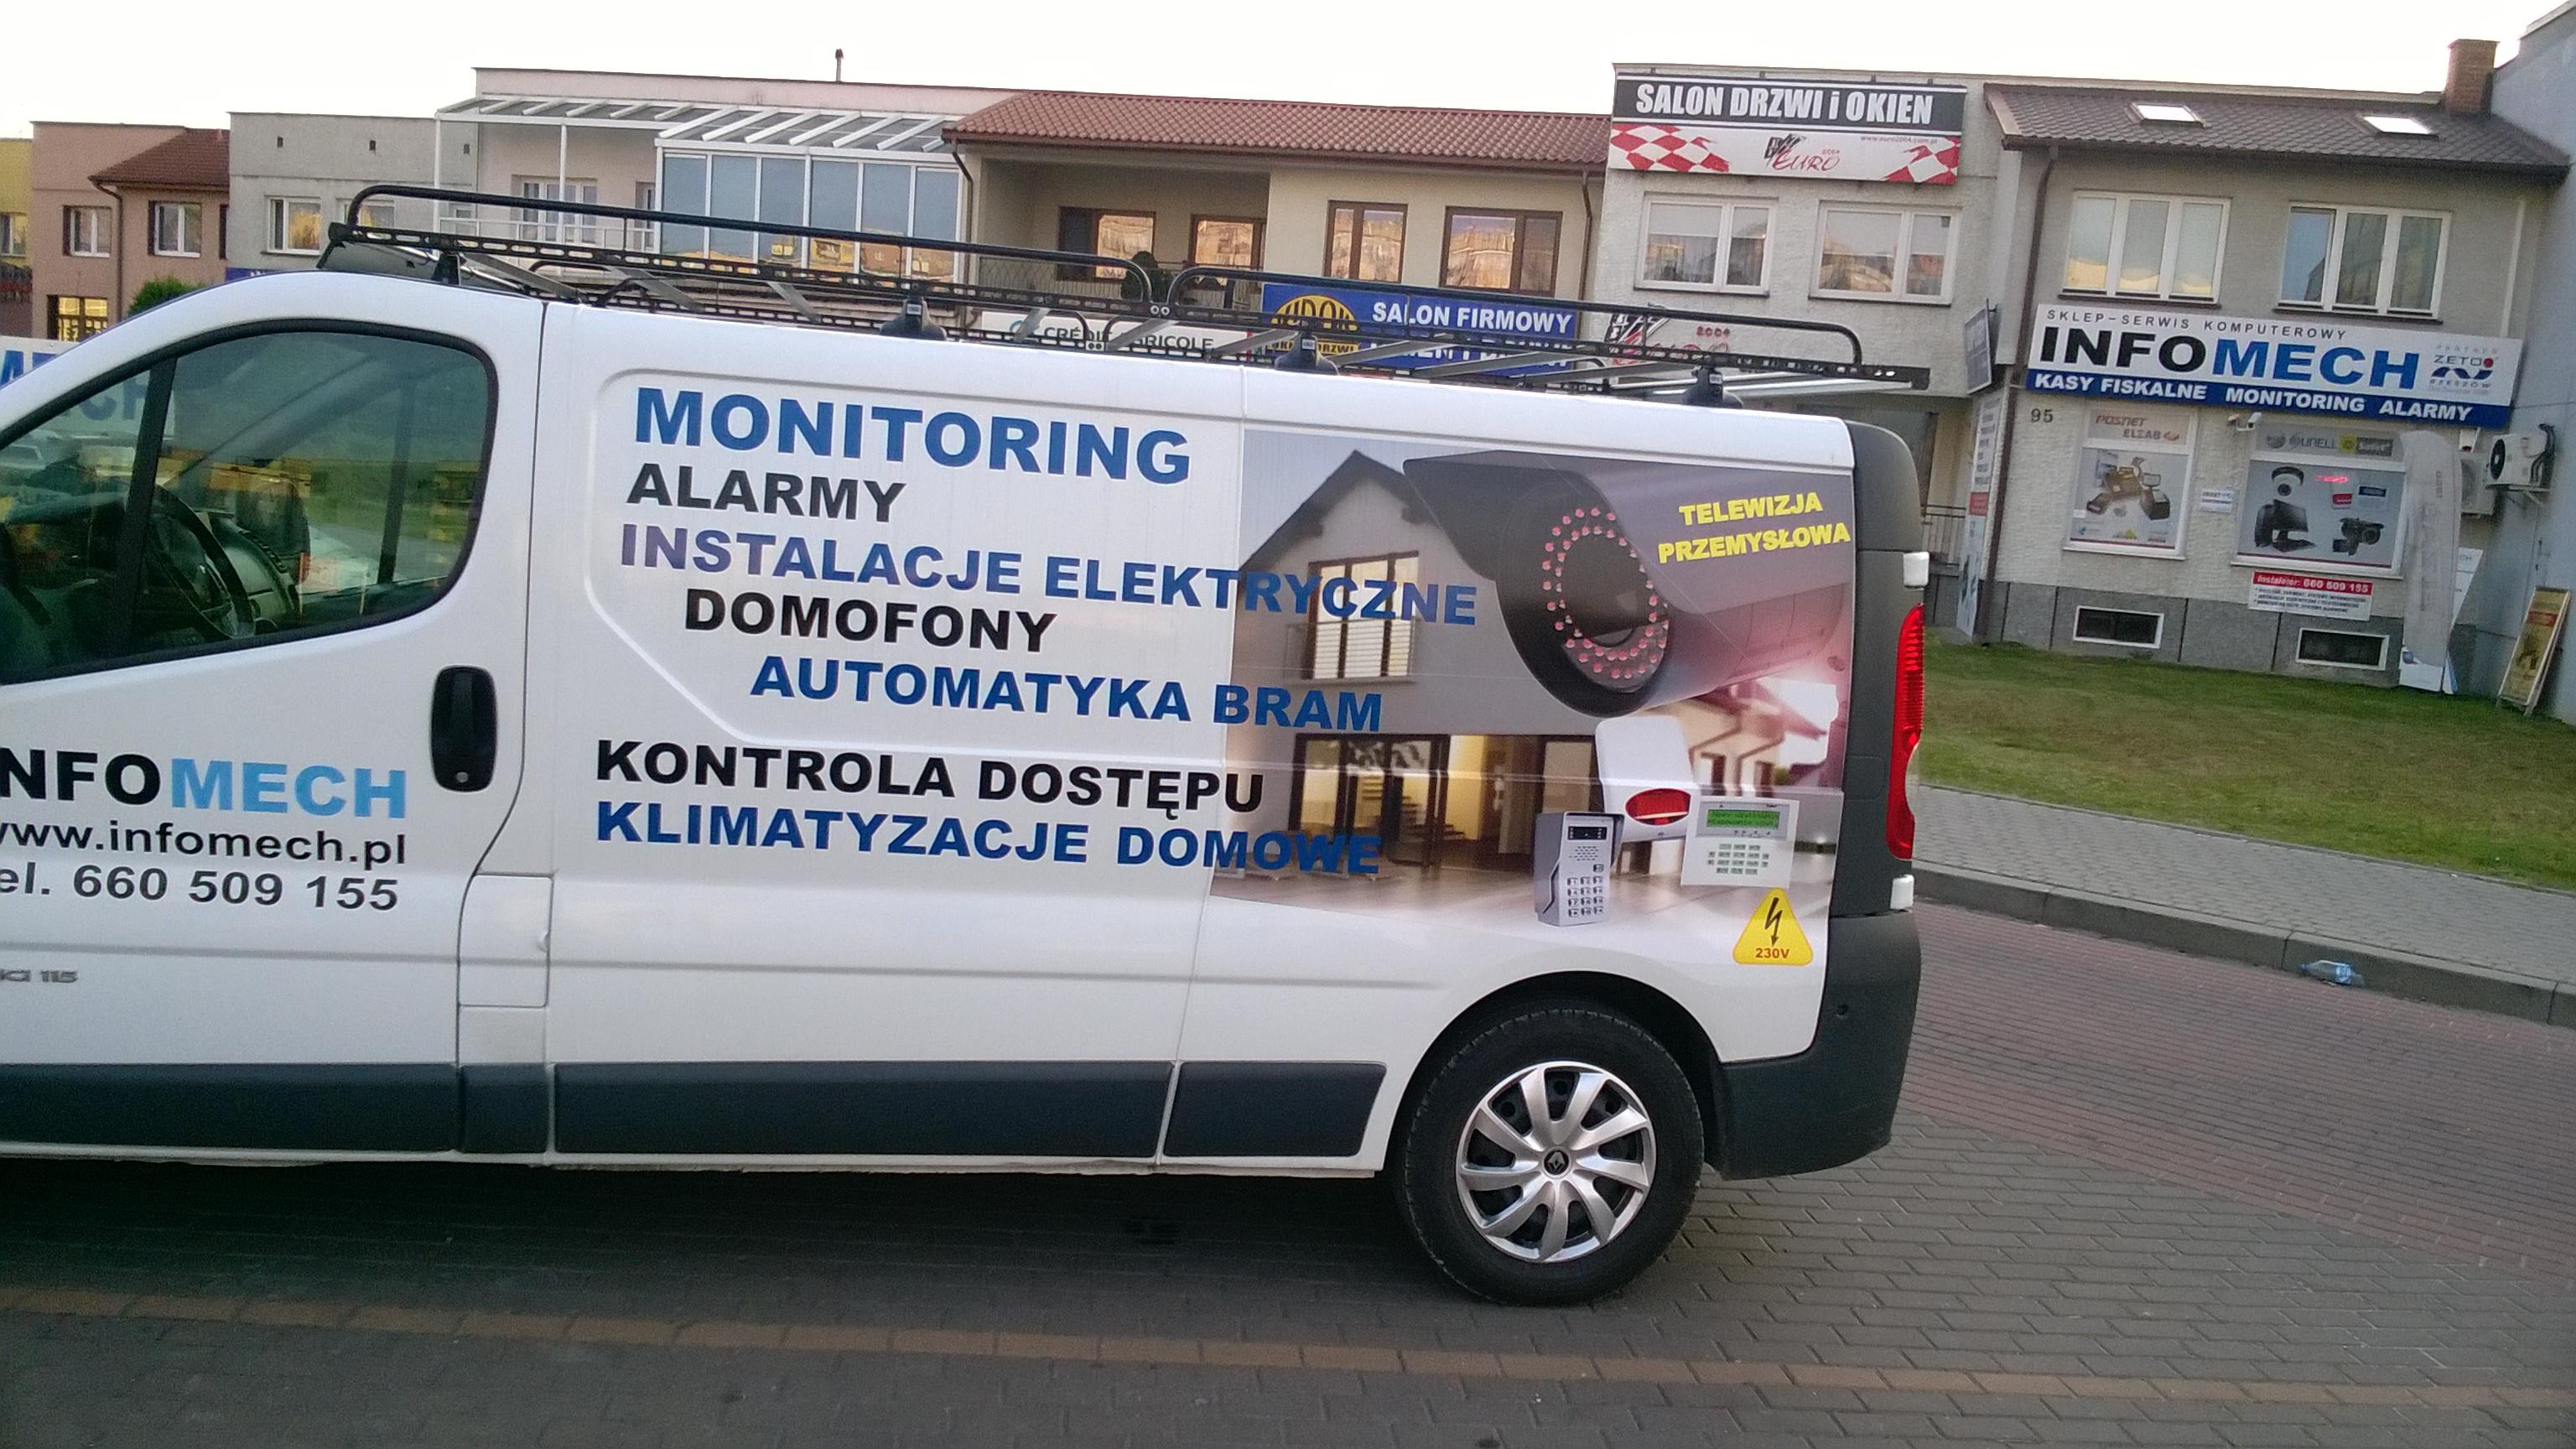 bus-techniczny-infomech-instalacje-elektryczne-i-teletechniczne-stalowa-wola-monitoring-bilgoraj-monitoring-zamosc-monitoring-stalowa-wola-infomech-mielec-alarmy-7